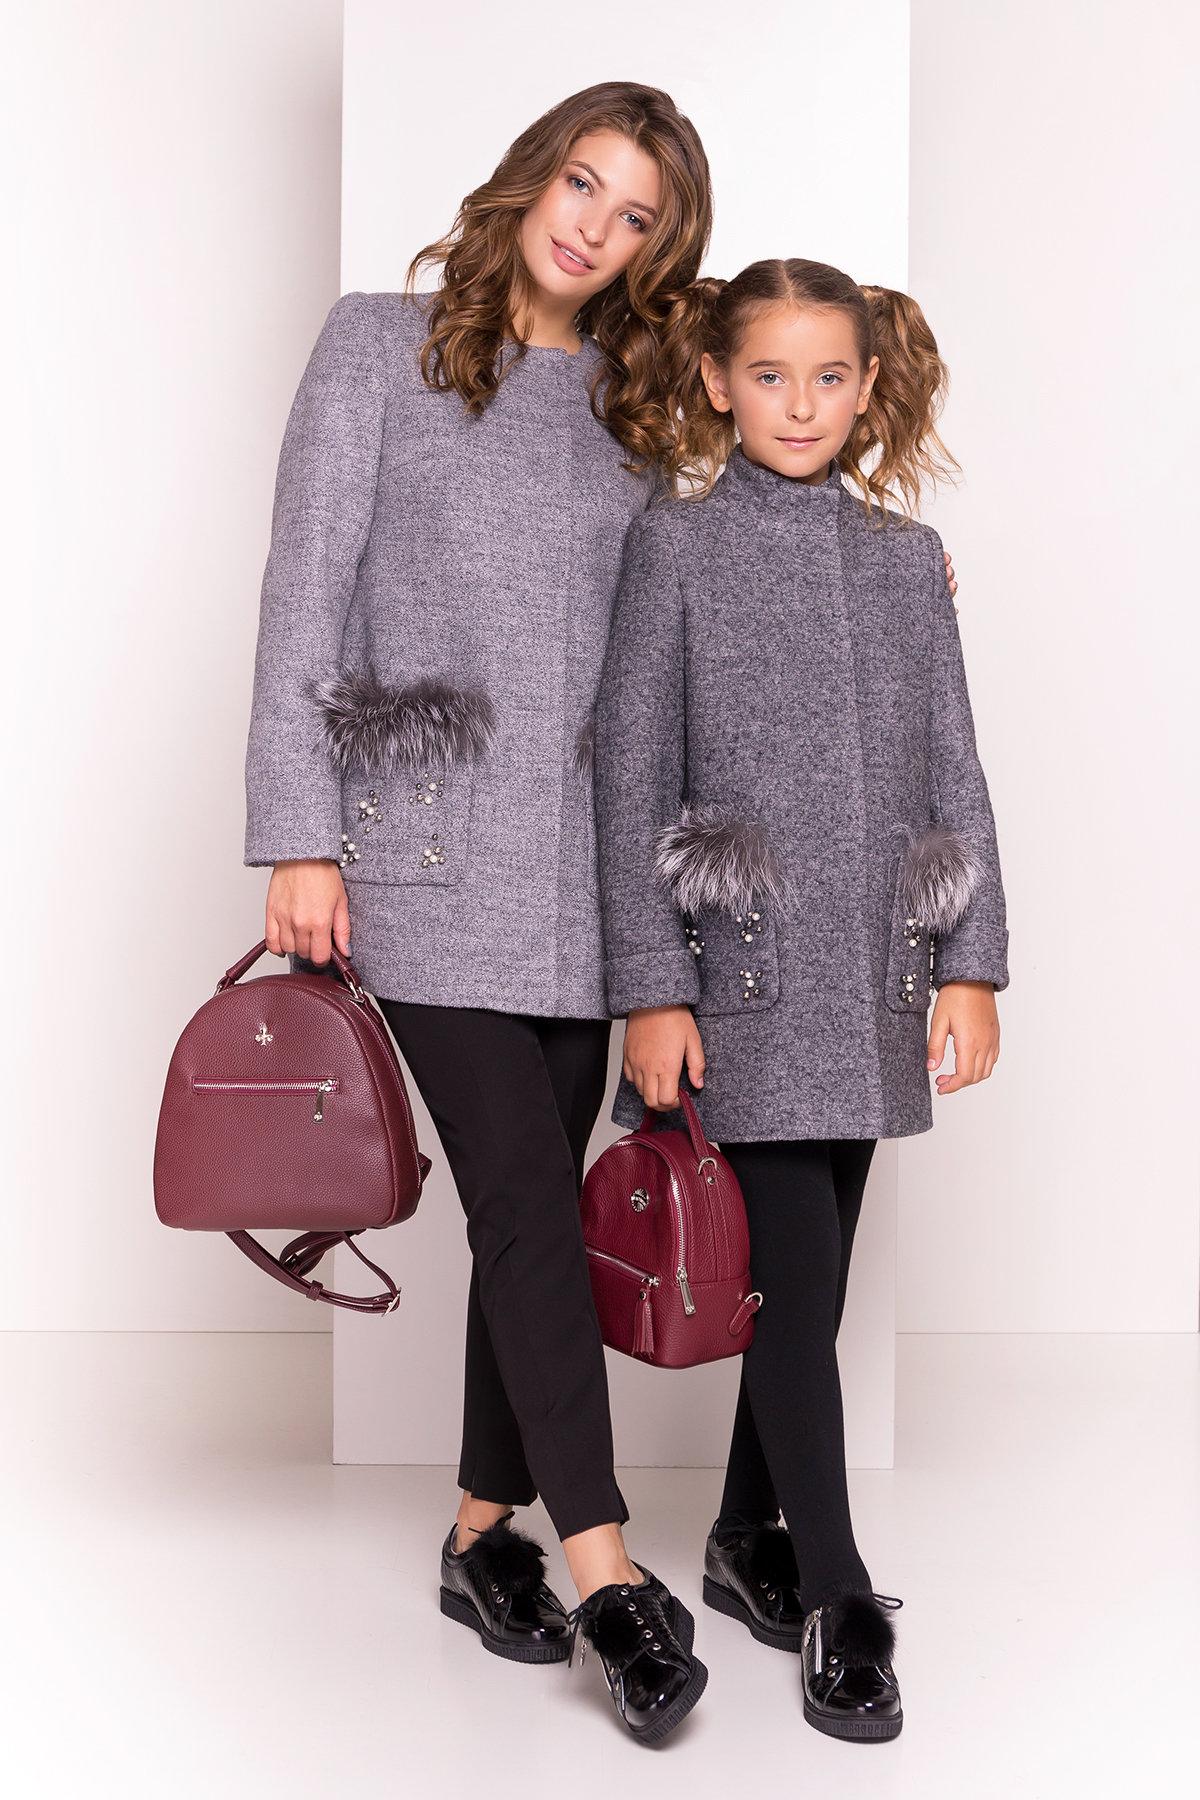 Пальто детское Норма 5286 АРТ. 36527 Цвет: Серый Темный LW-5 - фото 1, интернет магазин tm-modus.ru